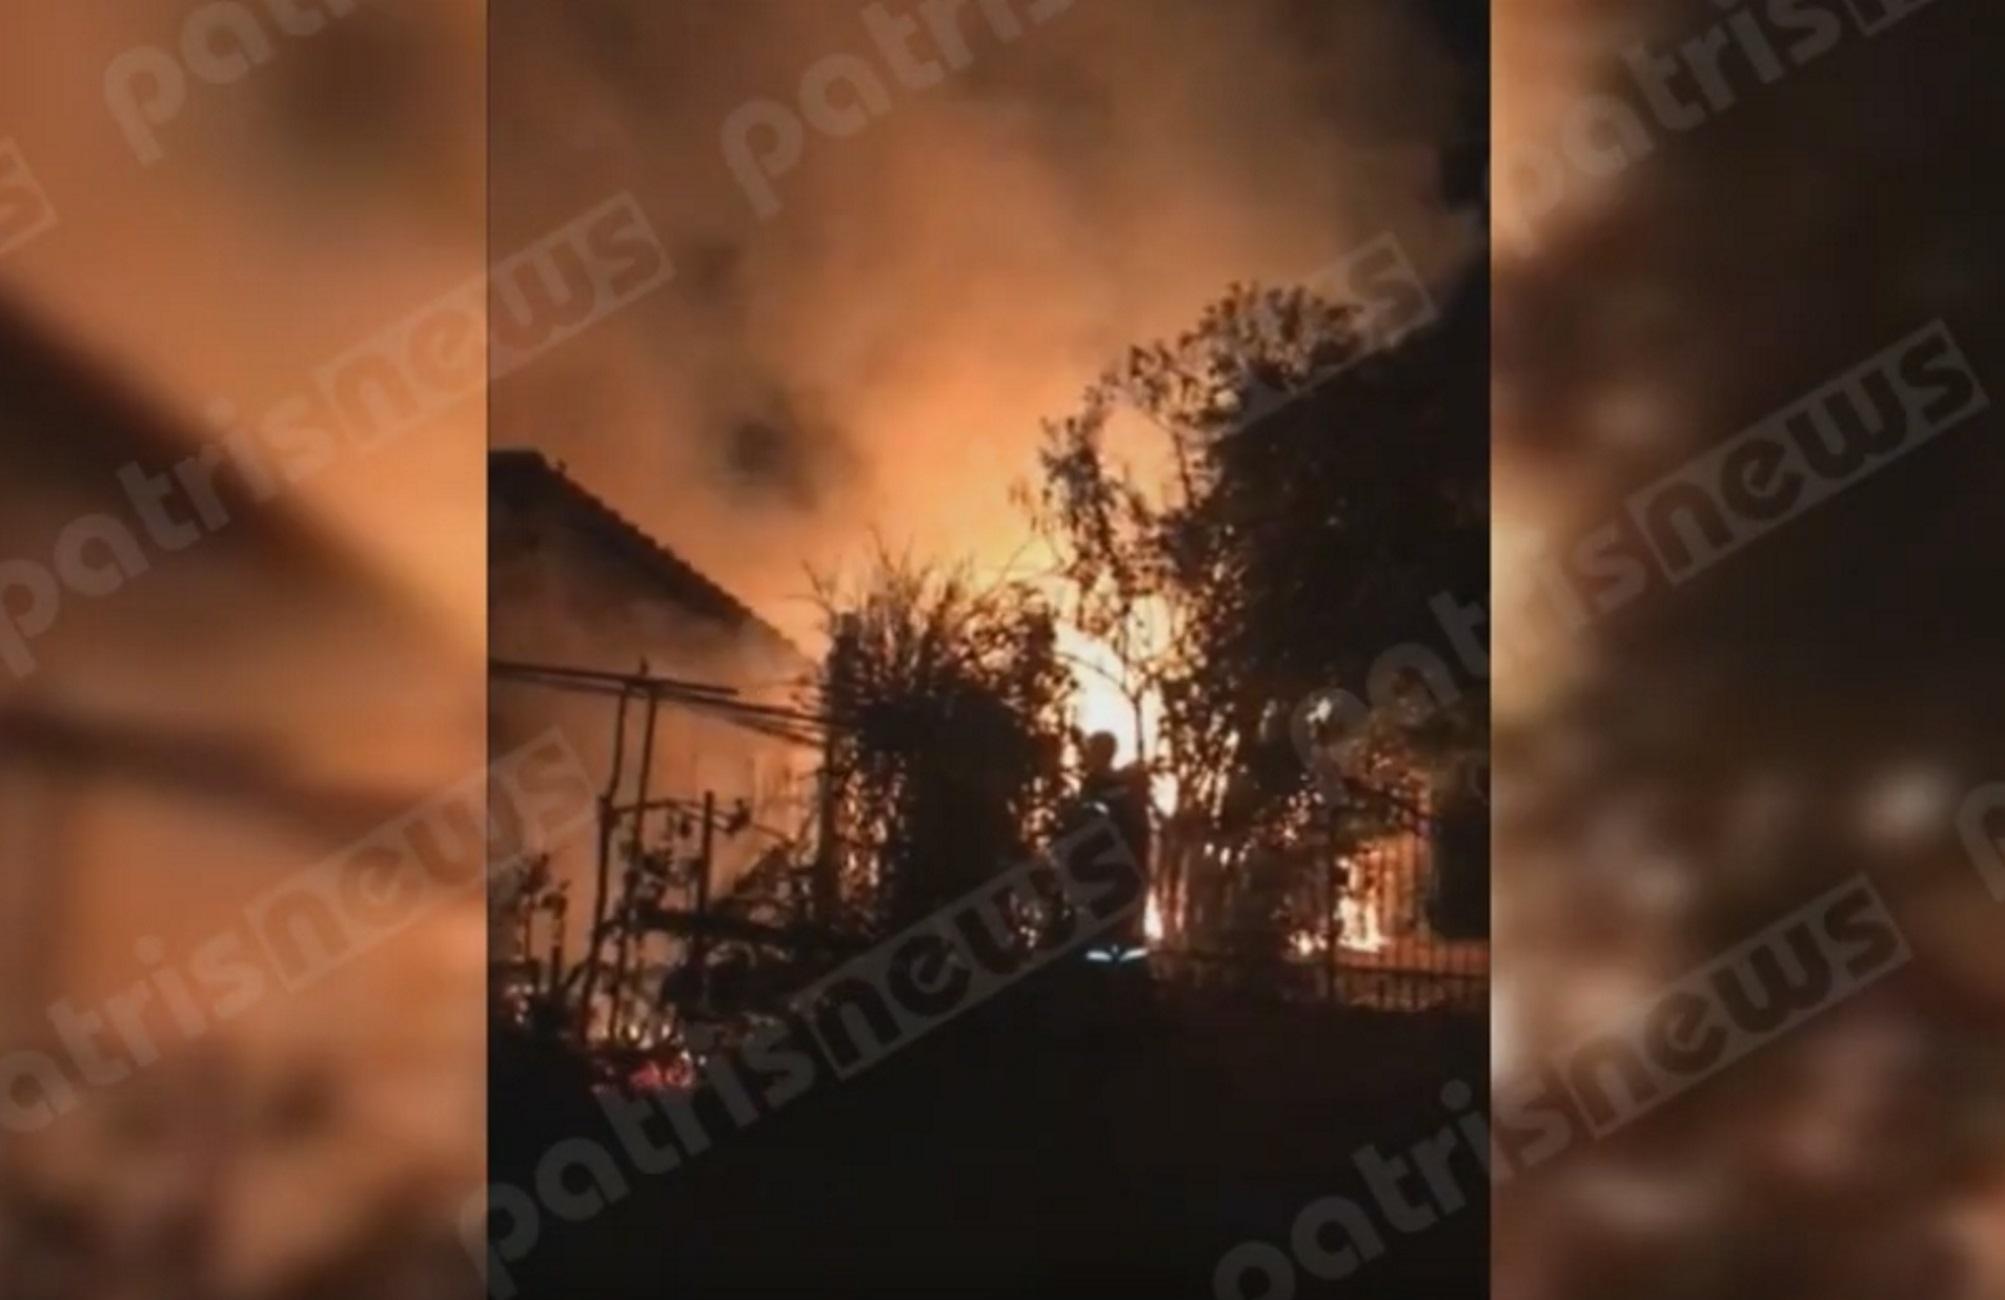 Ηλεία: Μεγάλη φωτιά σε γνωστή ταβέρνα στο Κατάκολο! Στην κάμερα τα πιο δύσκολα λεπτά (Βίντεο)